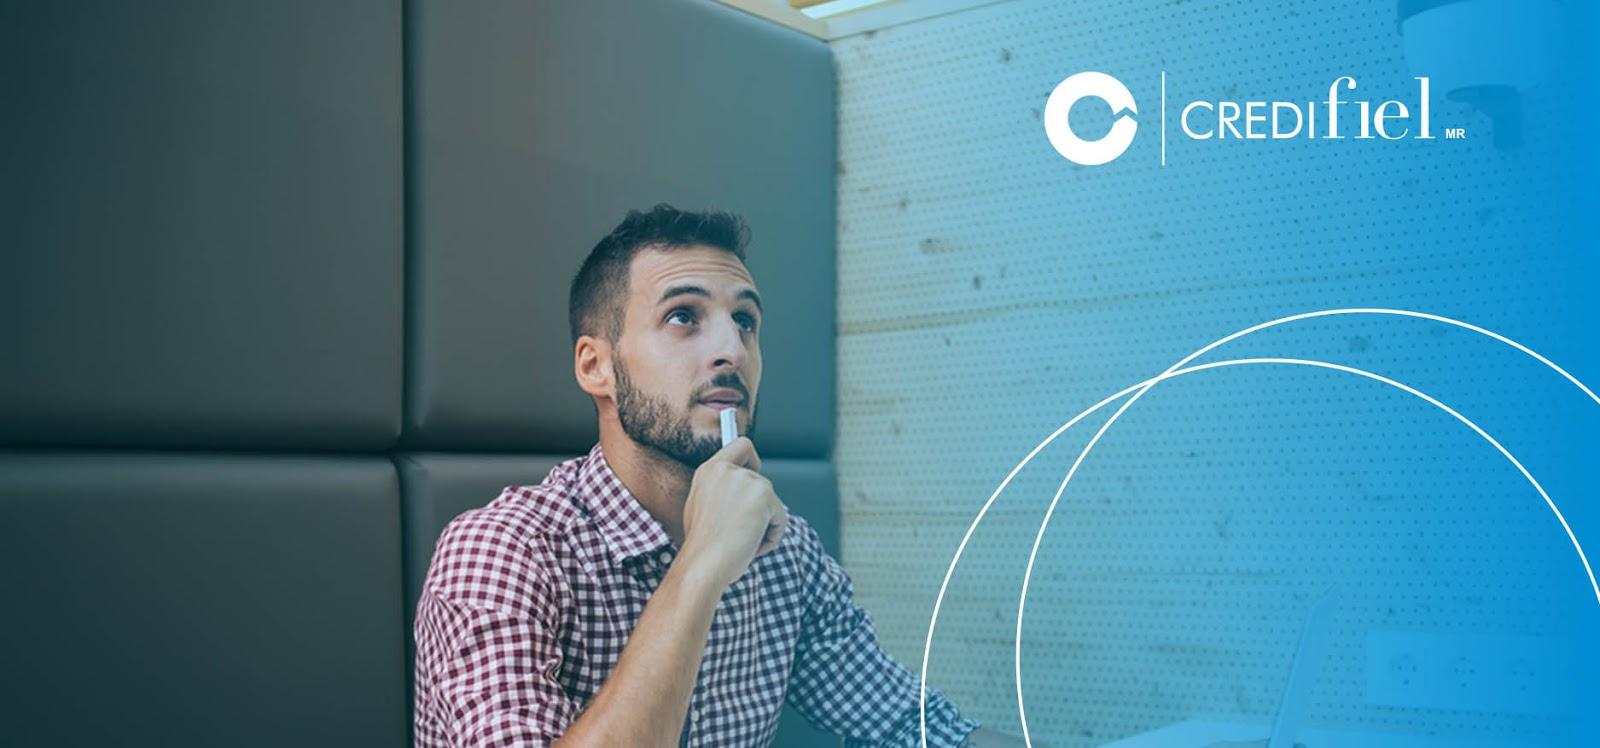 Refinanciamiento de crédito: ¿cuándo puedes solicitarlo?